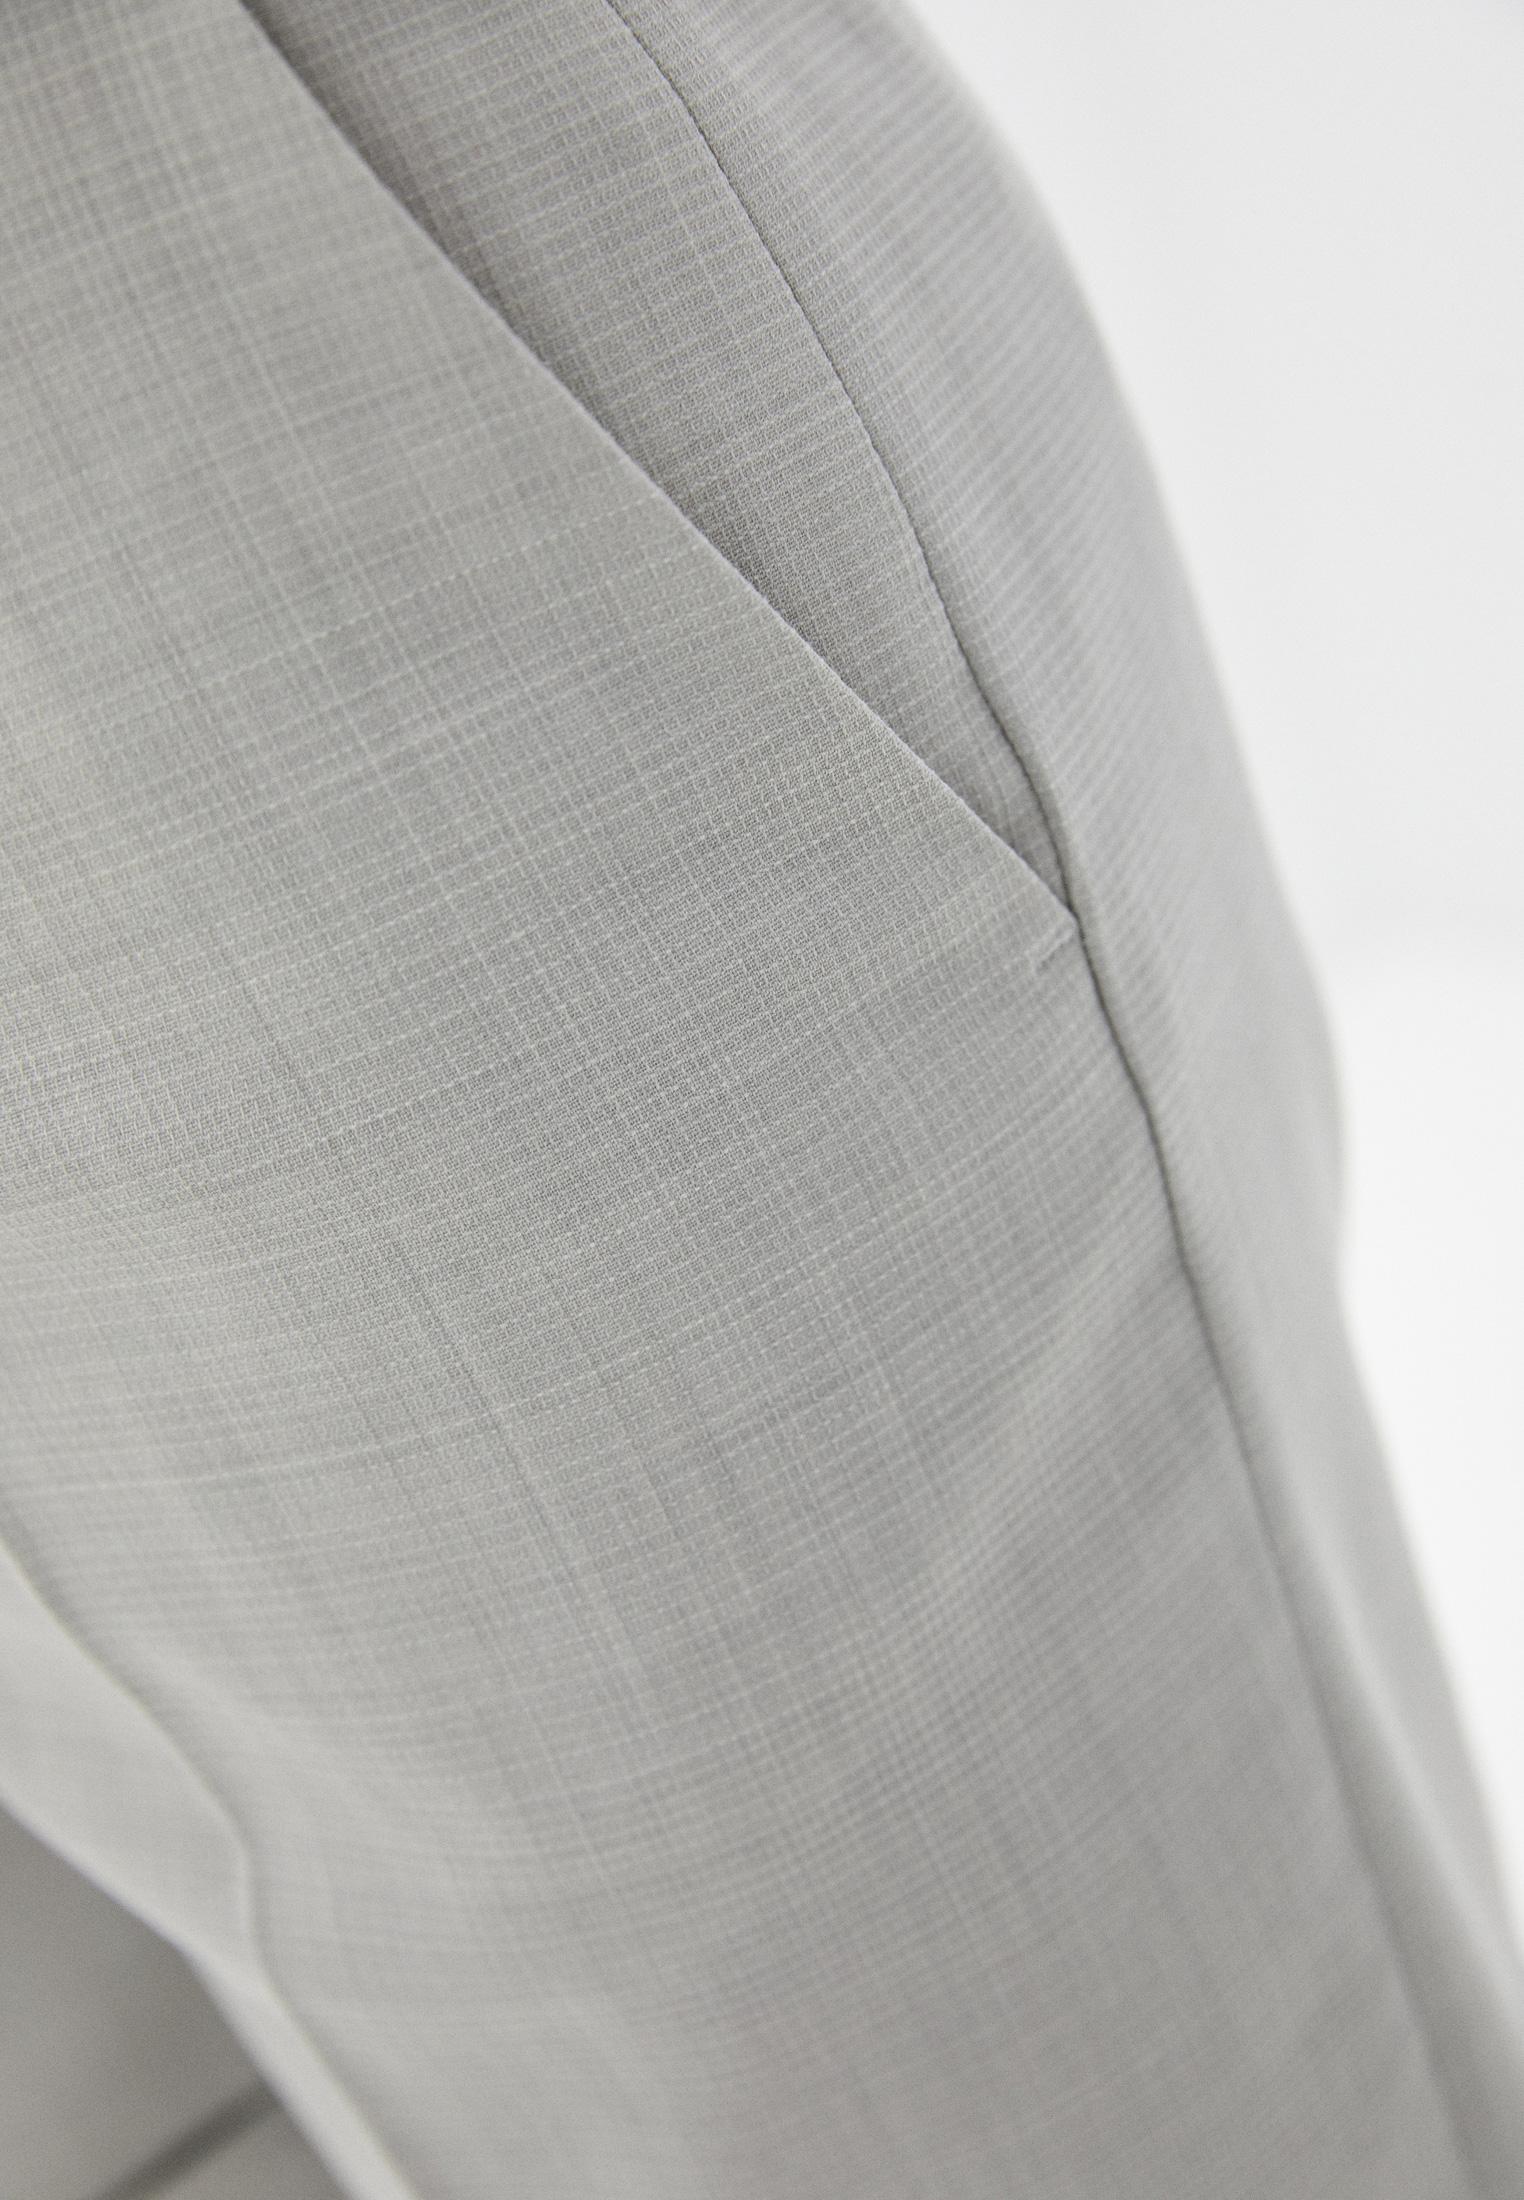 Мужские повседневные шорты Bikkembergs C O 004 00 S 3041: изображение 5